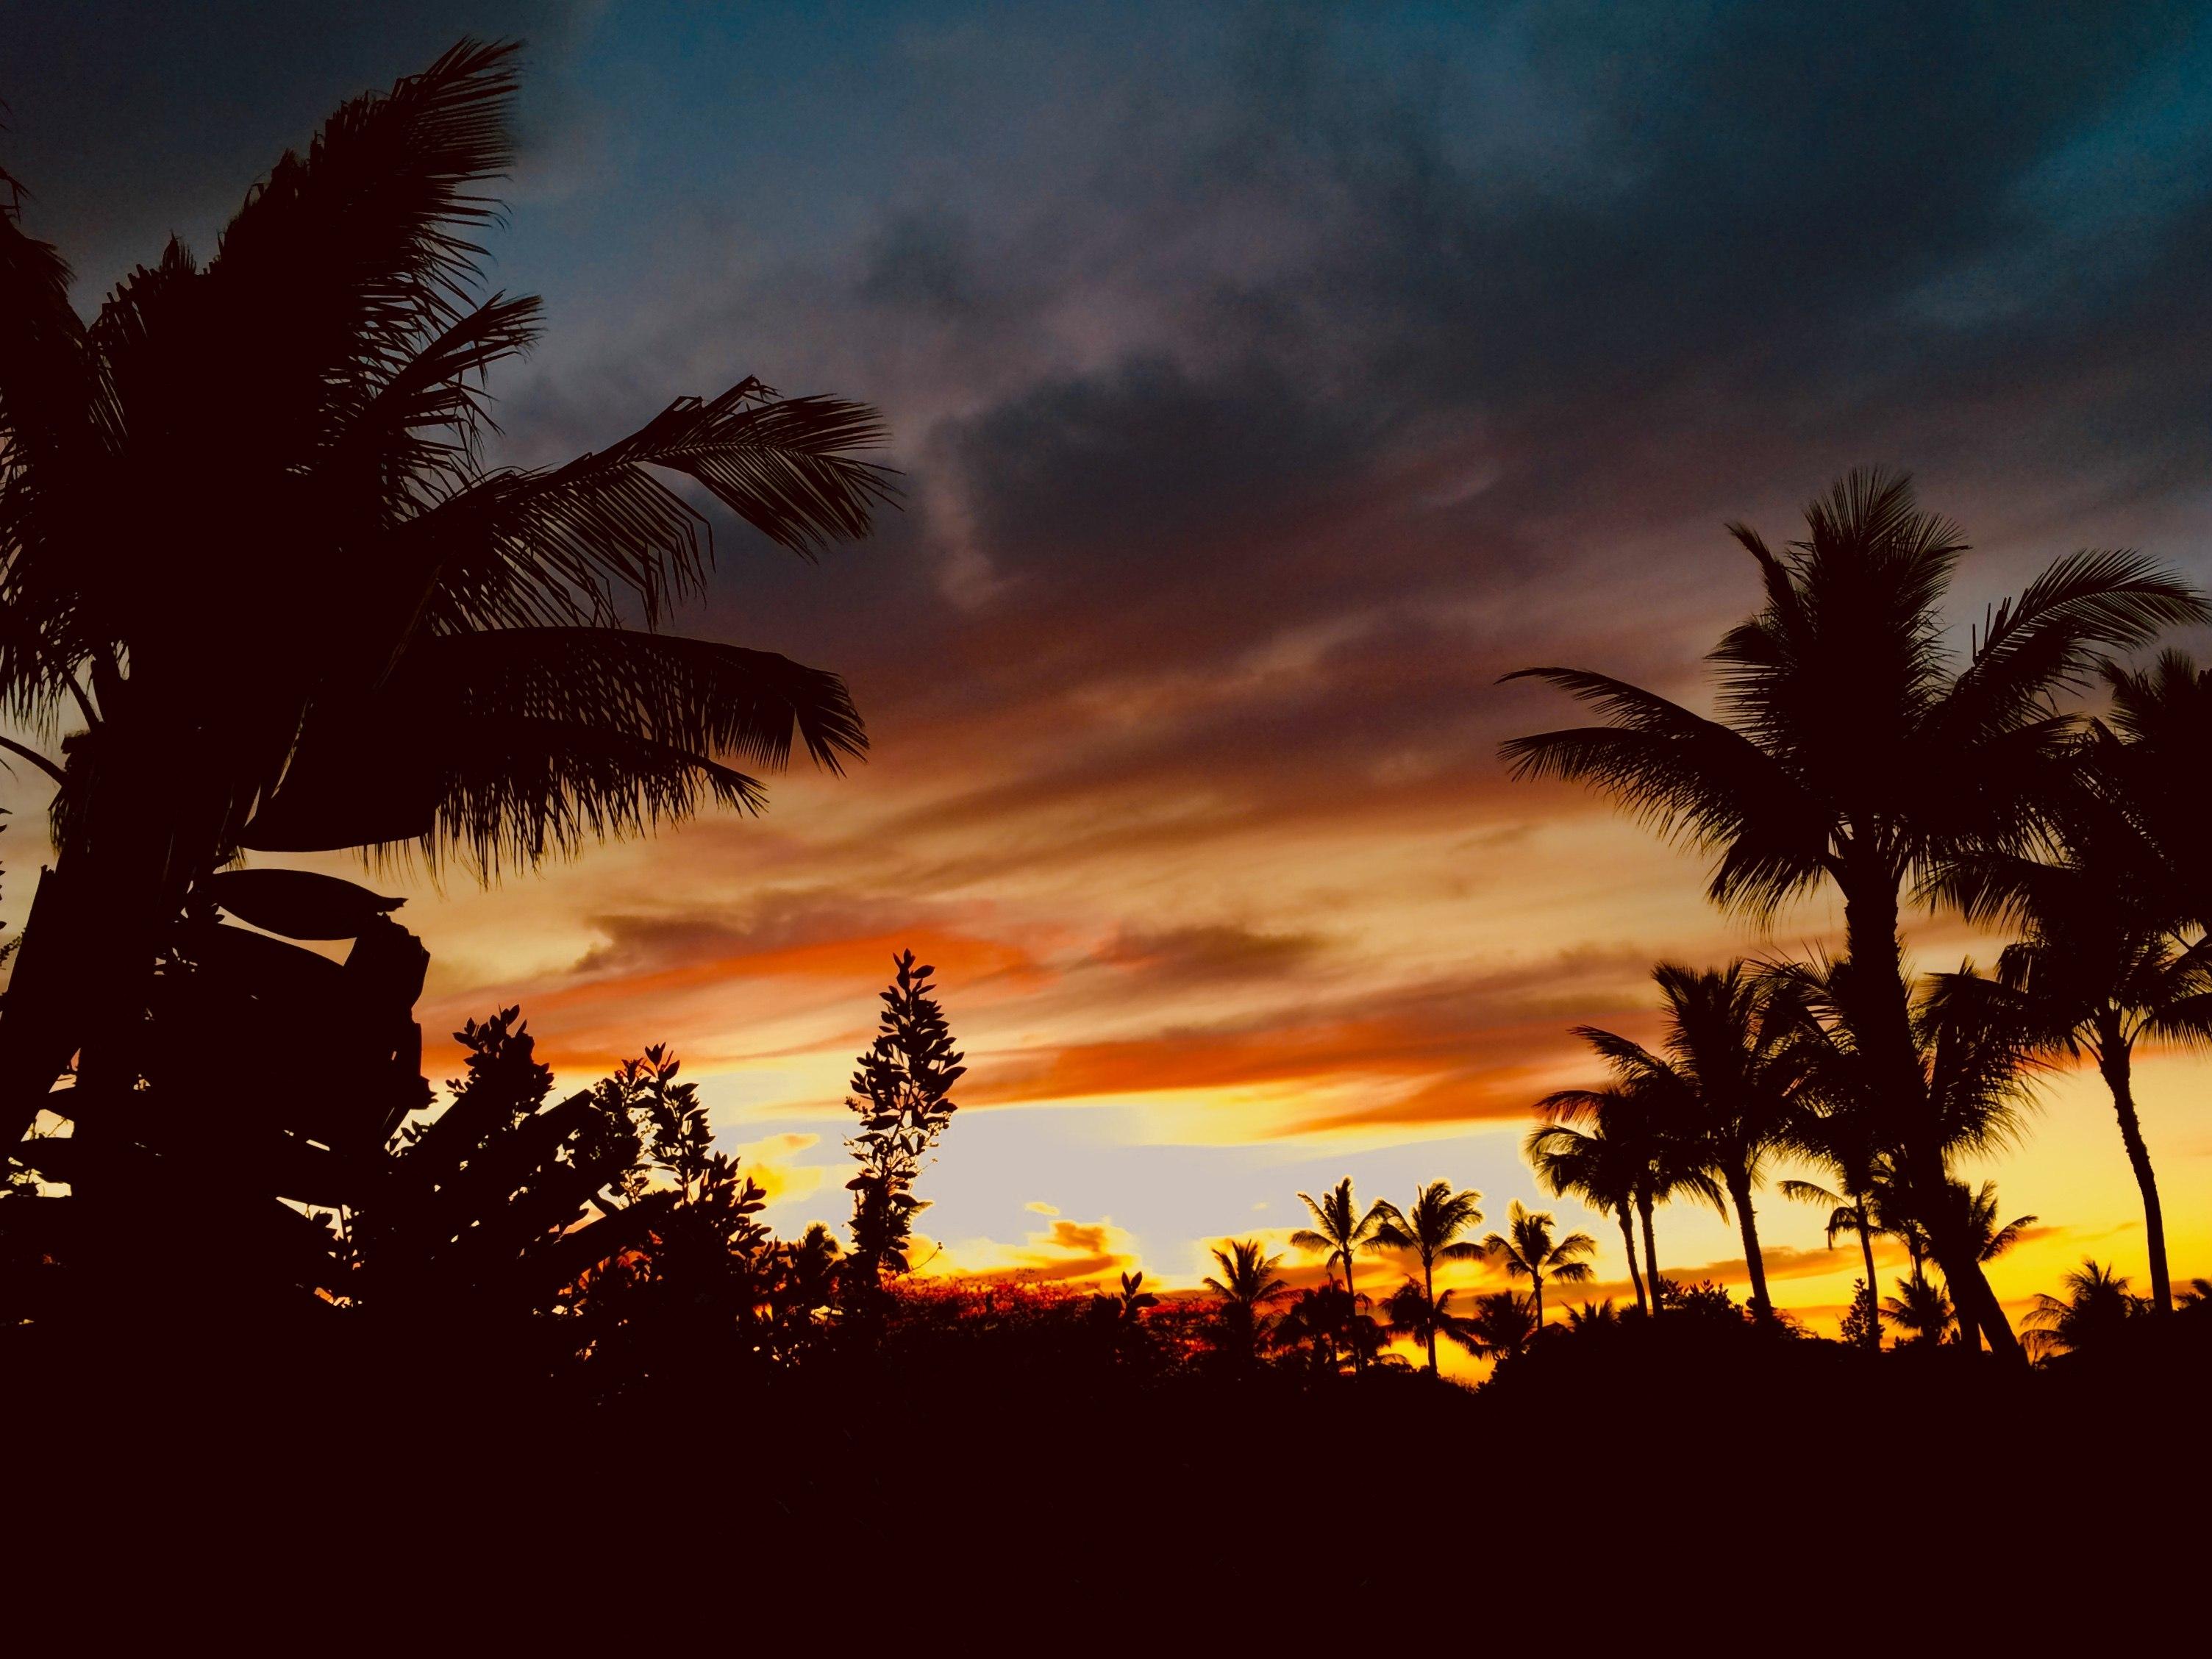 Sunset from Kulalani 204